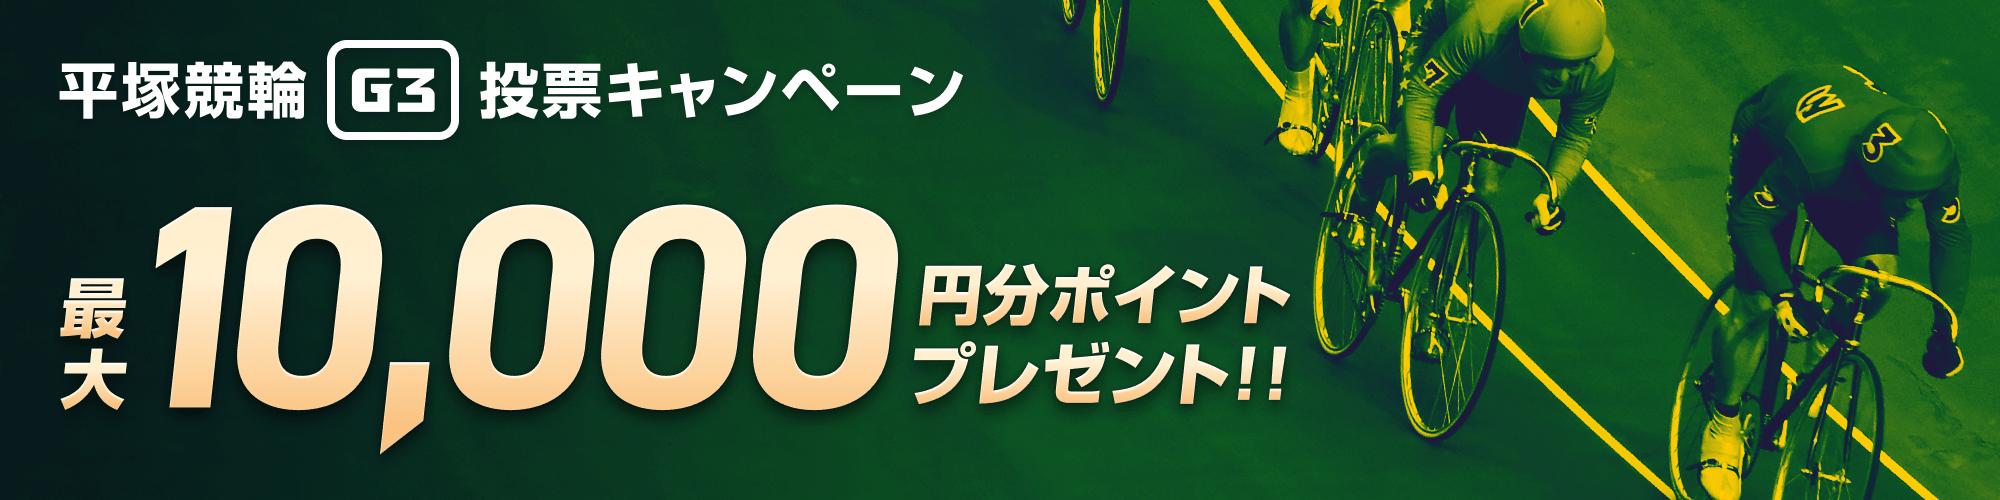 平塚競輪G3投票キャンペーン最大10,000円分のポイントプレゼント